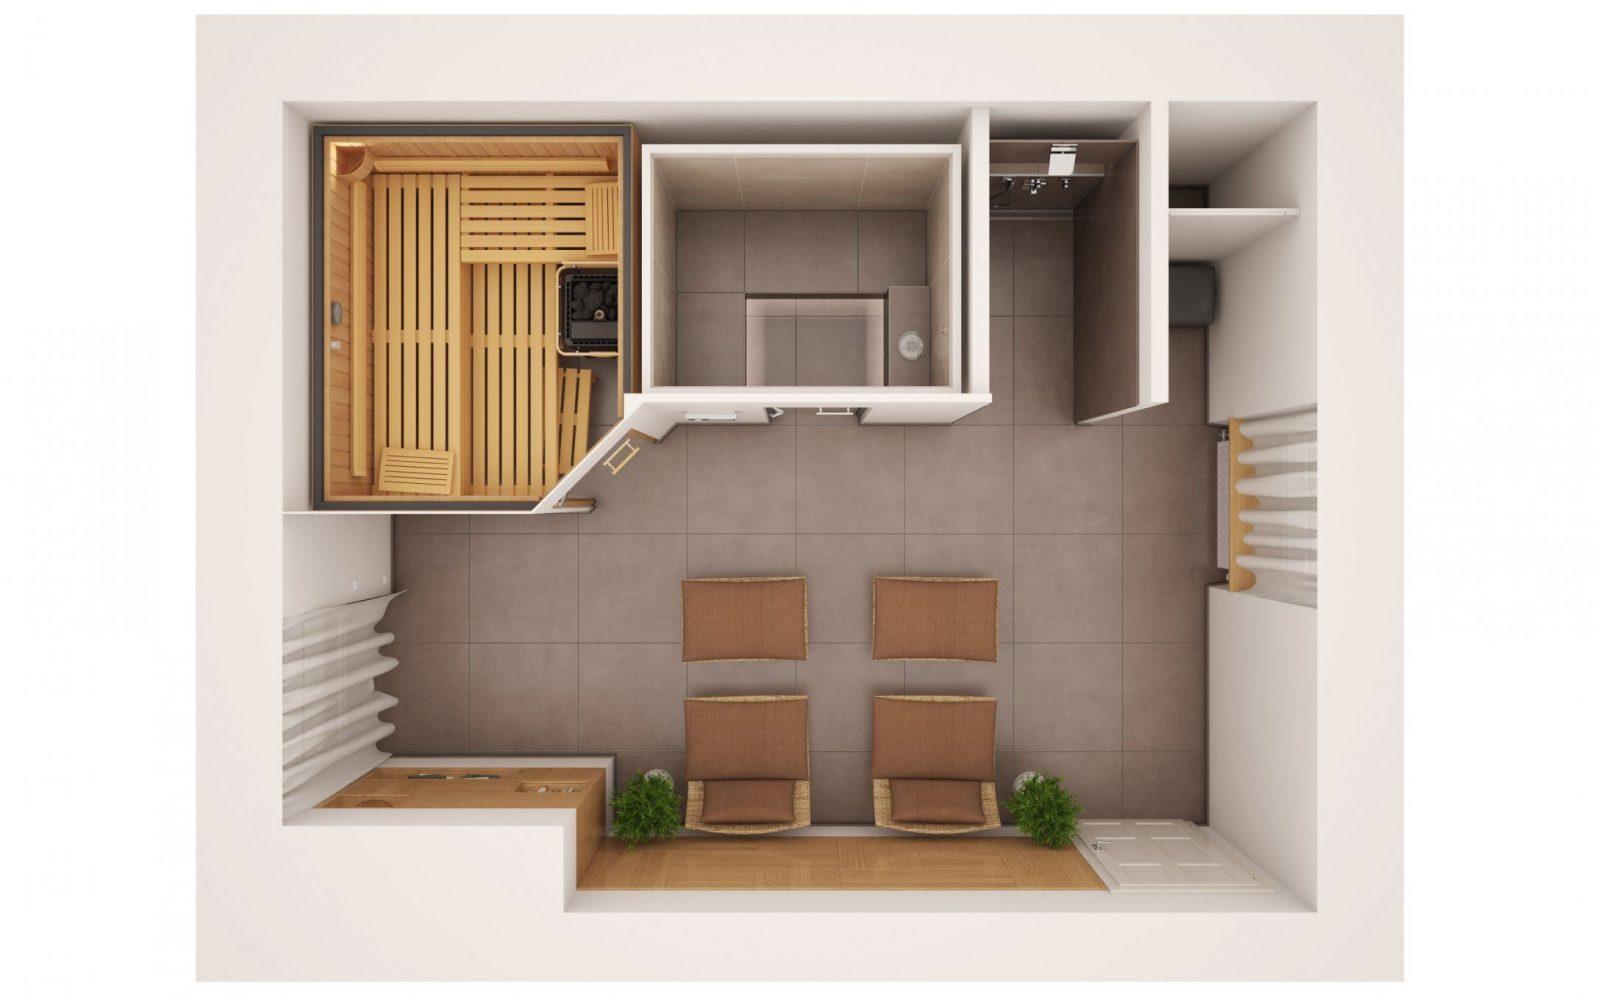 Kleine Sauna Selber Bauen Hb33 – Hitoiro von Sauna Im Keller Bauen Bild